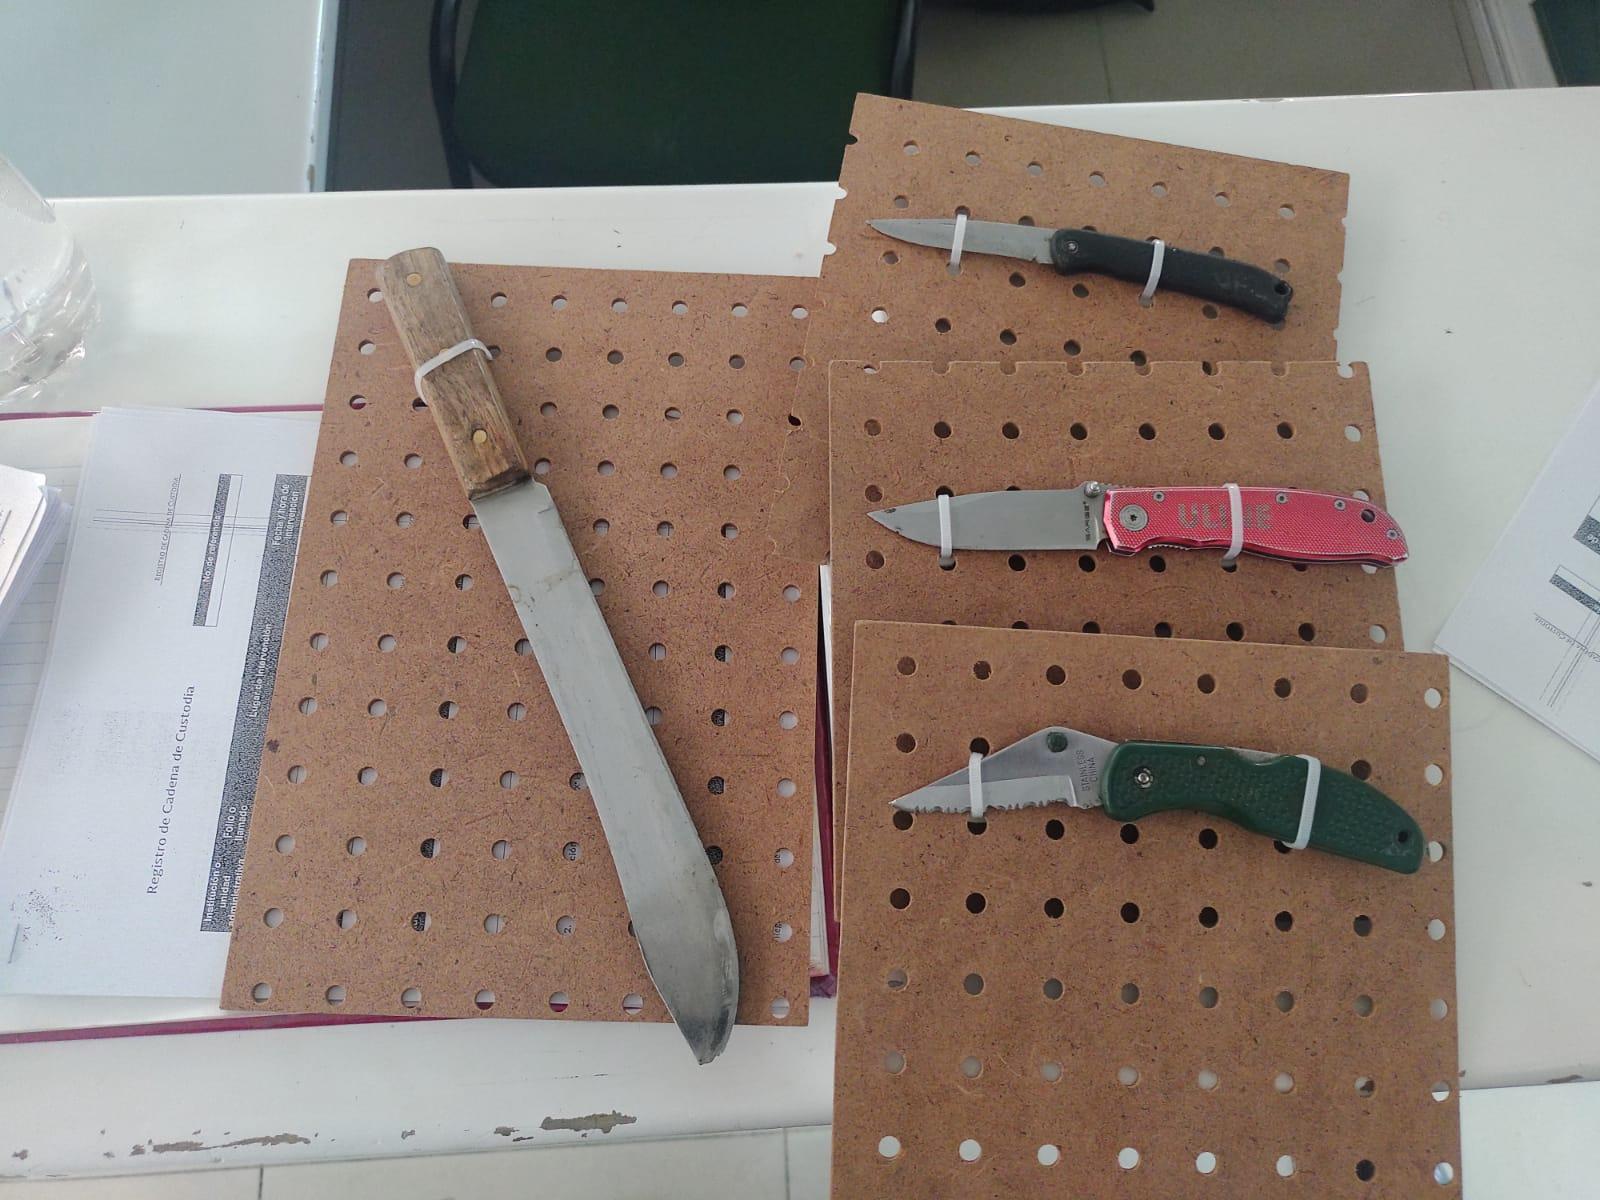 cuatro armas punzocortantes que les fueron decomisadas a los presuntos extorsionadores cuando cometían sus delitos.